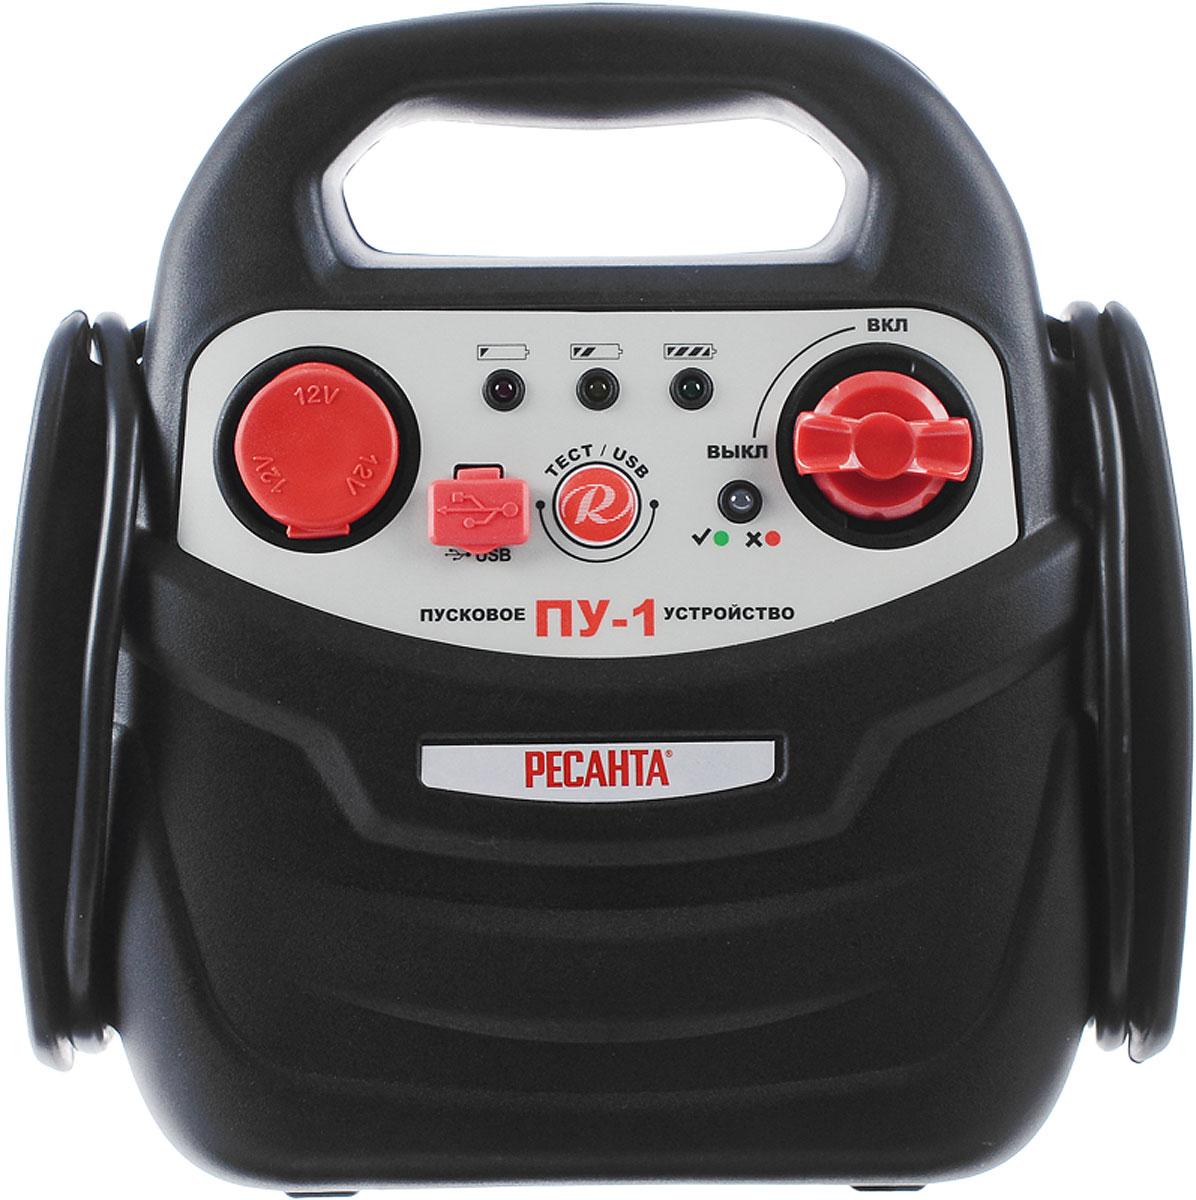 Пусковое устройство Ресанта ПУ-1ПУ-1_черный/серебристыйПусковое устройство Ресанта ПУ-1 - это удобное, портативное пусковое устройство с встроенным аккумулятором. Идеально подходит для пуска двигателей внутреннего сгорания, оборудованных электростартером (автомобилей, катеров, двигателей генераторов). Полностью совместимо с любой 12-вольтовой пусковой системой. Устройство использует встроенный аккумулятор, не требующий техобслуживания, что позволяет хранить его в любом положении без риска утечки кислоты. Пусковое устройство также можно использовать в качестве переносного источника энергии на 12В постоянного тока в удаленных зонах или в случае аварии. Снабжено USB выходом. Подходит для сотовых телефонов, люминесцентных ламп, ноутбуков, настольных ламп, телевизоров, прожекторов, DVD-плееров, водоотливных насосов. Для зарядки используйте зарядное устройство. Когда устройство полностью зарядится, загорится индикатор полной зарядки. Состояние заряда аккумулятора можно проверить, нажав кнопку Тест / USB. Загоревшийся индикатор покажет уровень зарядки. Устройство оснащено звуковой системой оповещения, которая срабатывает в случае неправильной полярности на клеммах, клеммы подключены к сети с напряжением выше 16В или напряжение встроенного аккумулятора упало ниже 10,5В. Также при превышении выходного тока (15А макс) срабатывает защита, и устройство автоматически отключается.Пусковой ток: 250 А. Максимальный ток при запуске: 500 А. Встроенный аккумулятор: свинцово-кислотный, 7 А/ч.